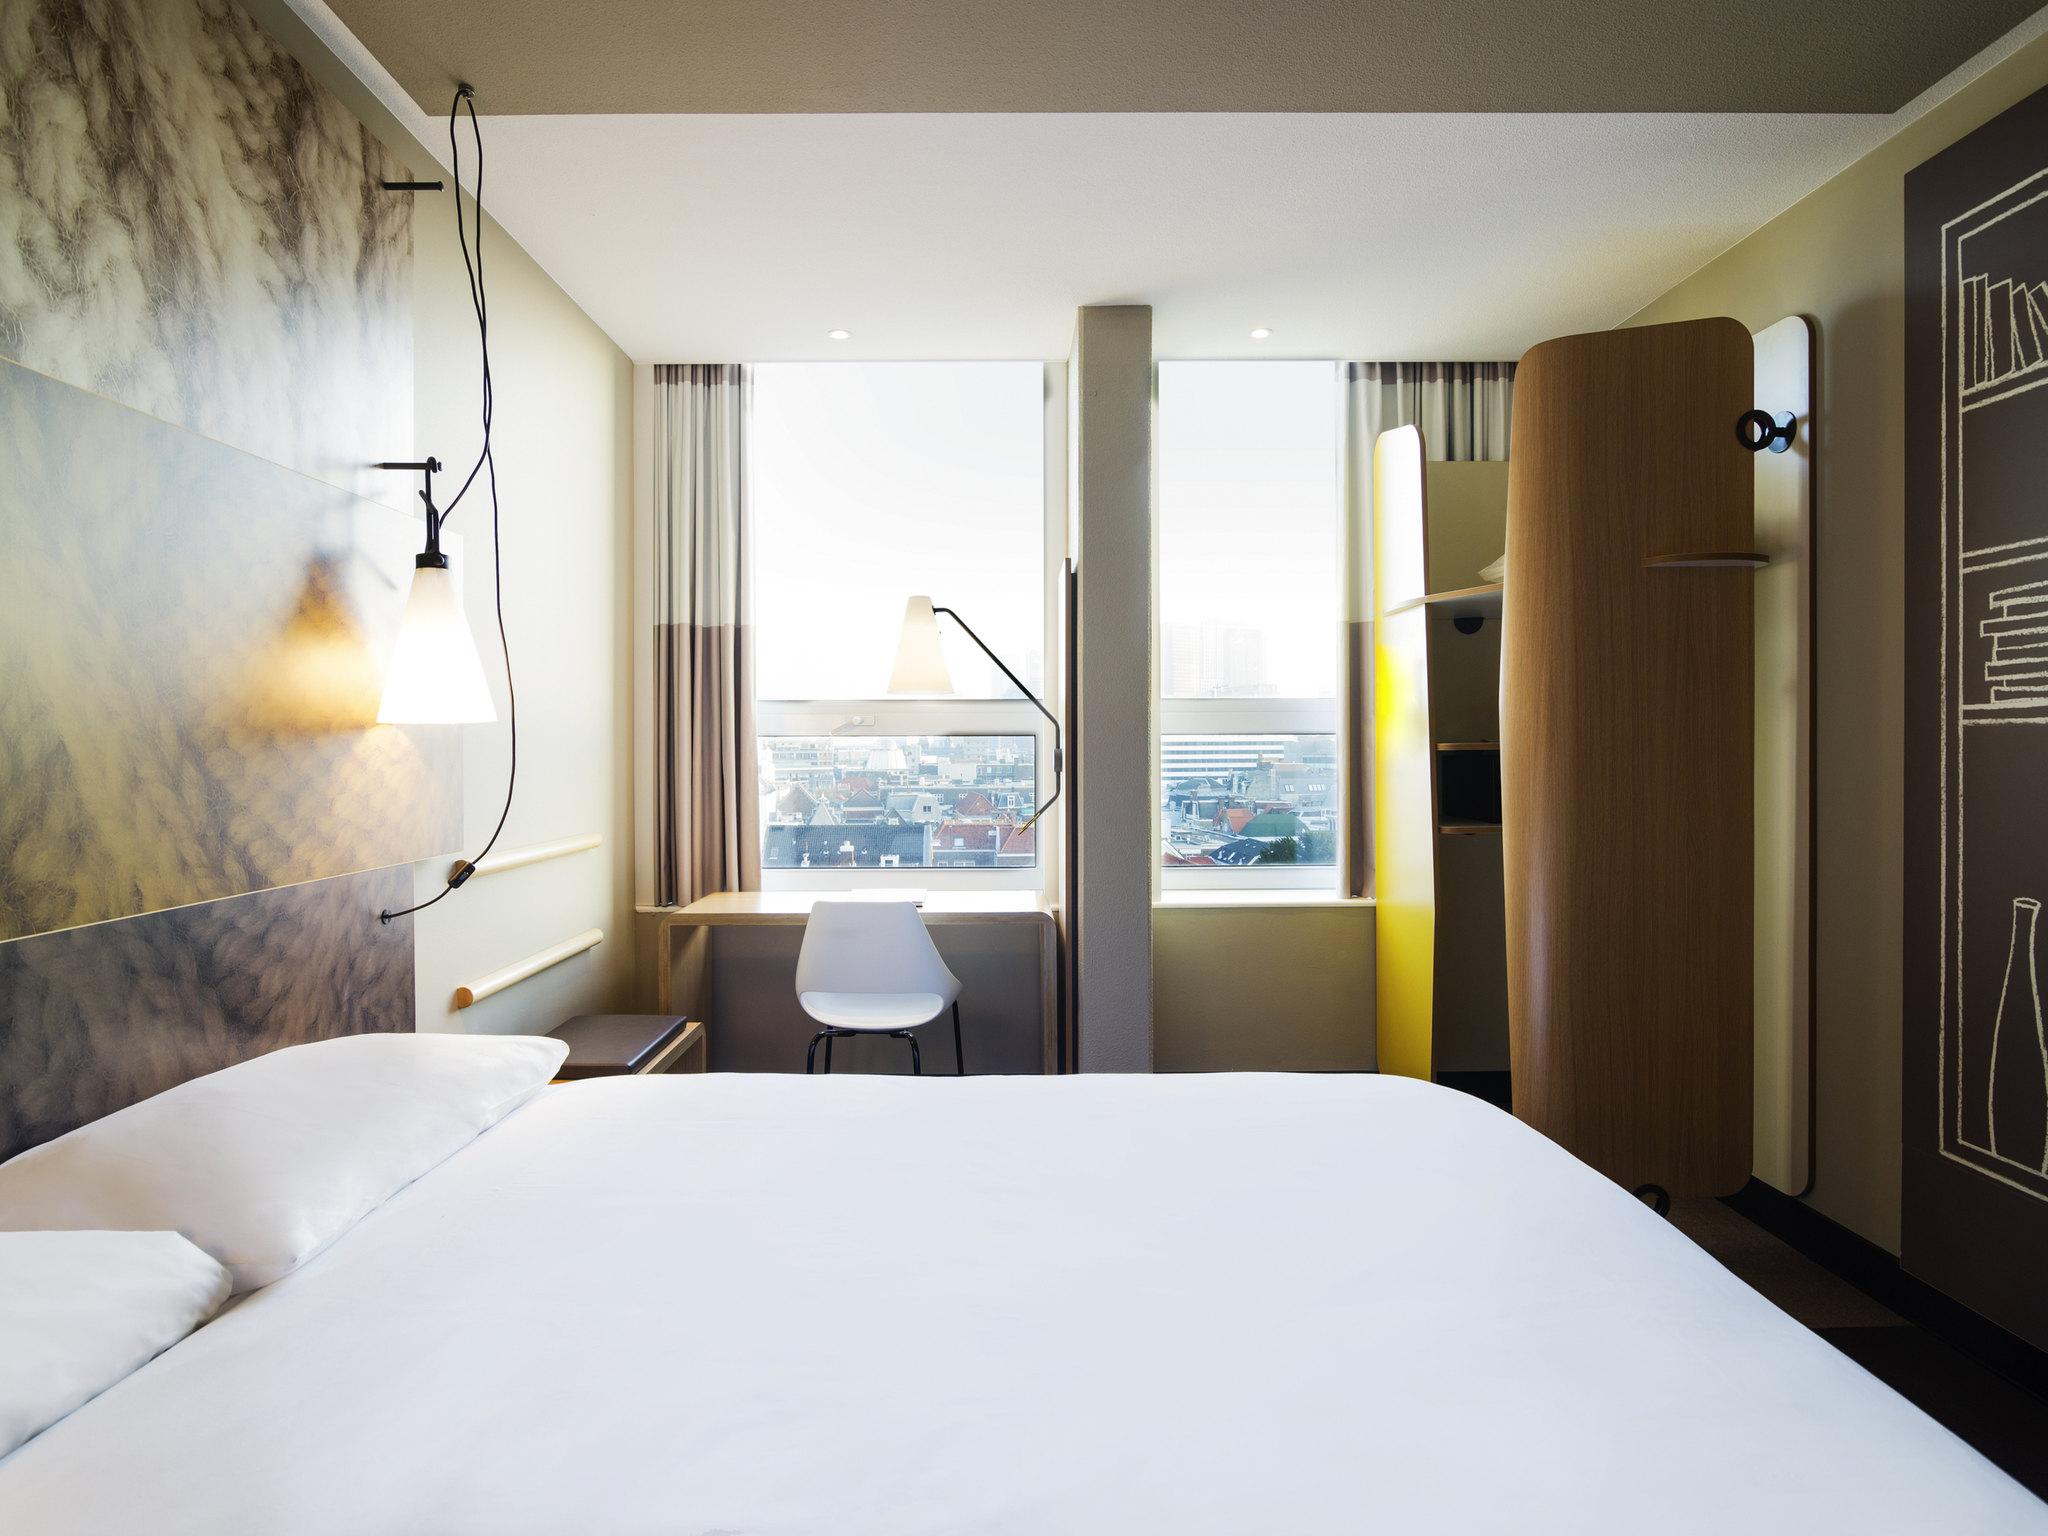 ホテル – イビスデンハーグシティセンター